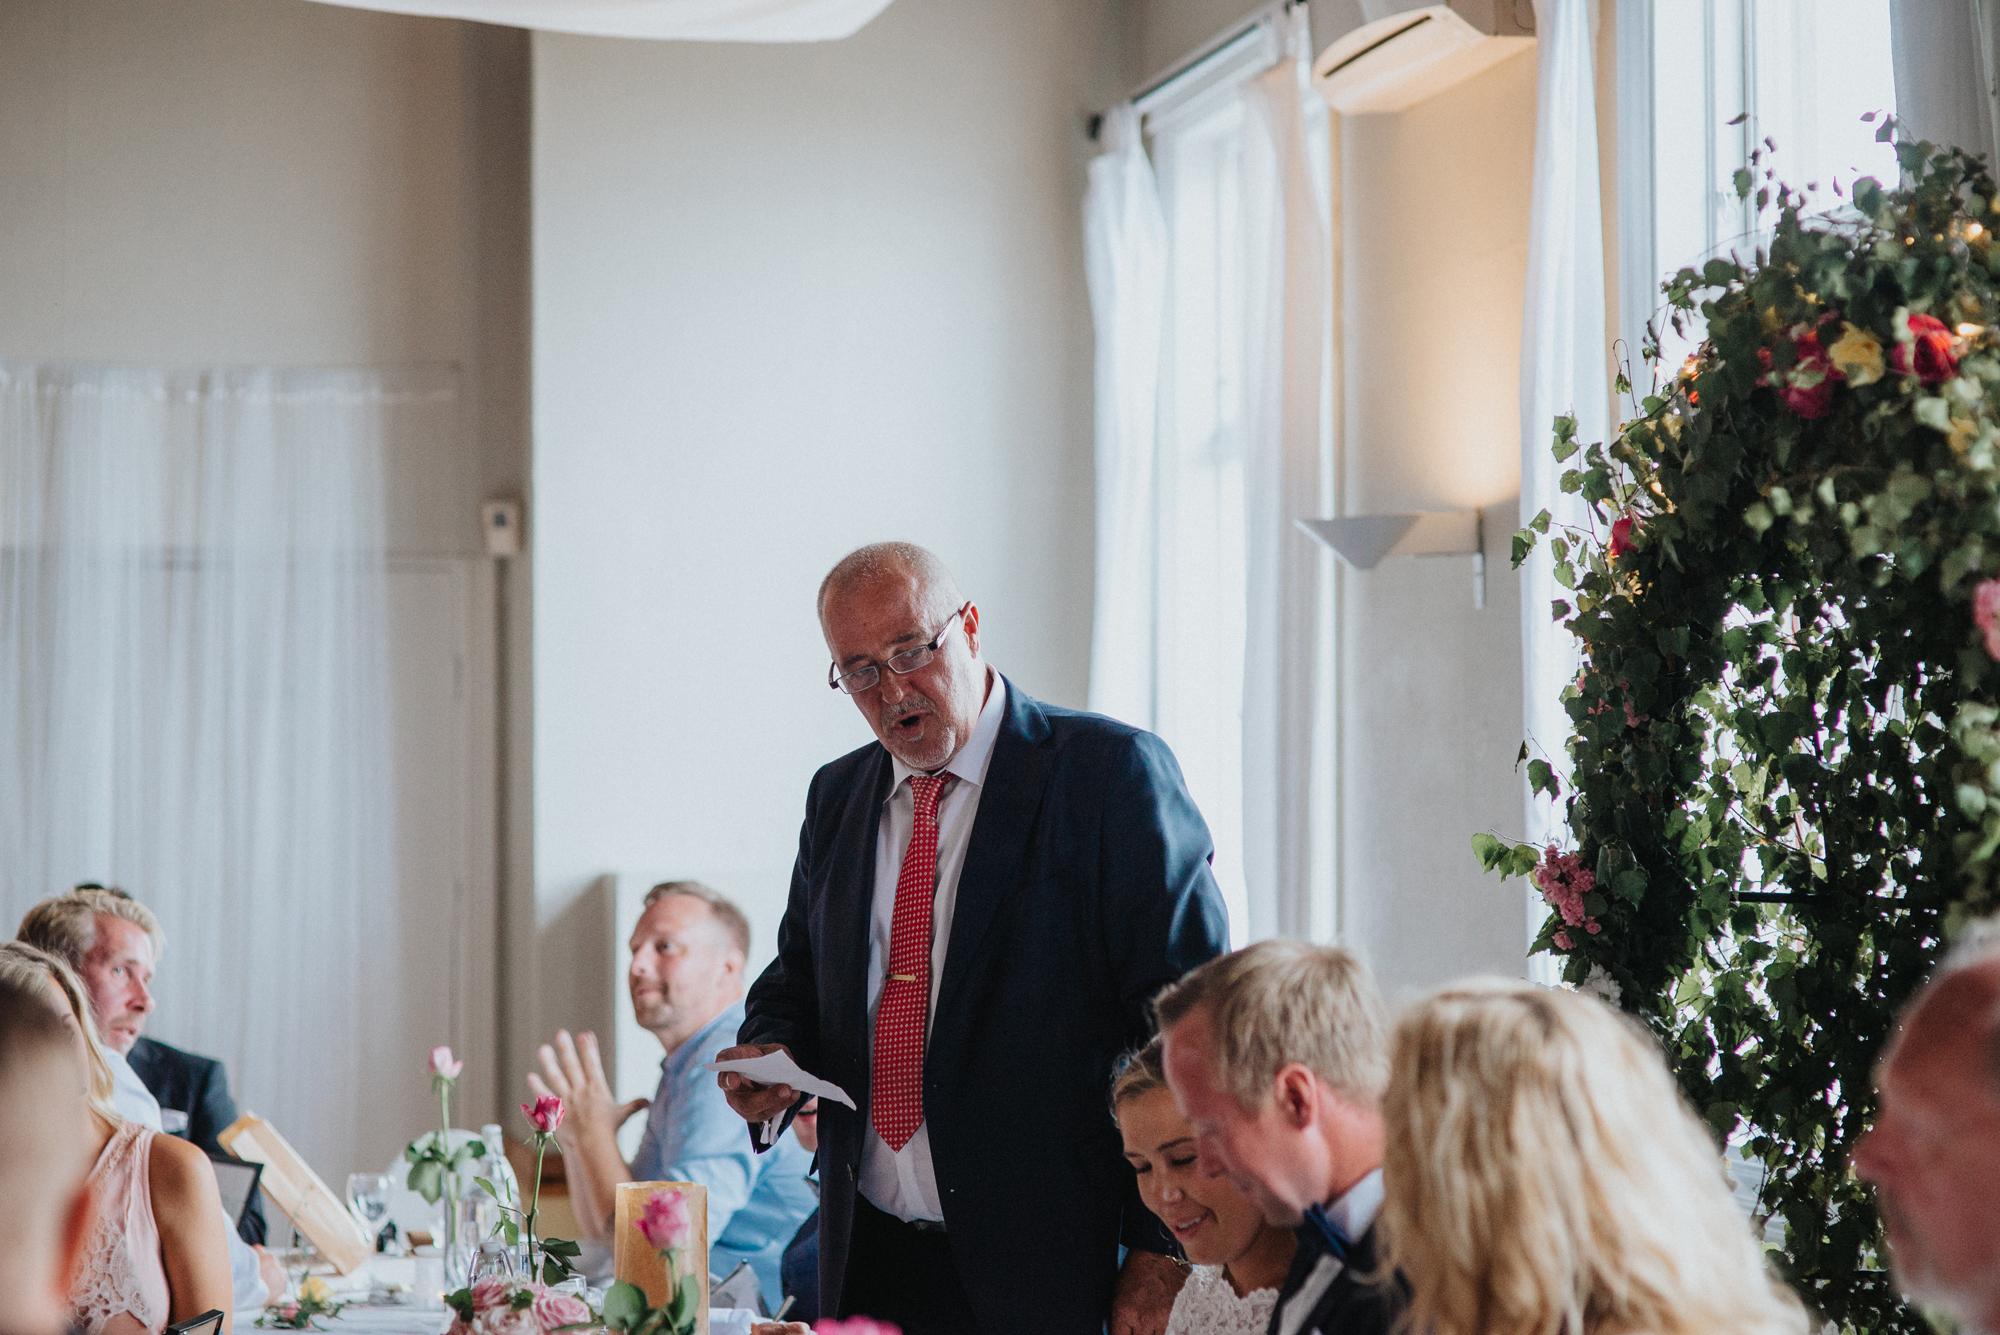 059-bröllopsfotograf-gotland-sjöviksgården.jpg